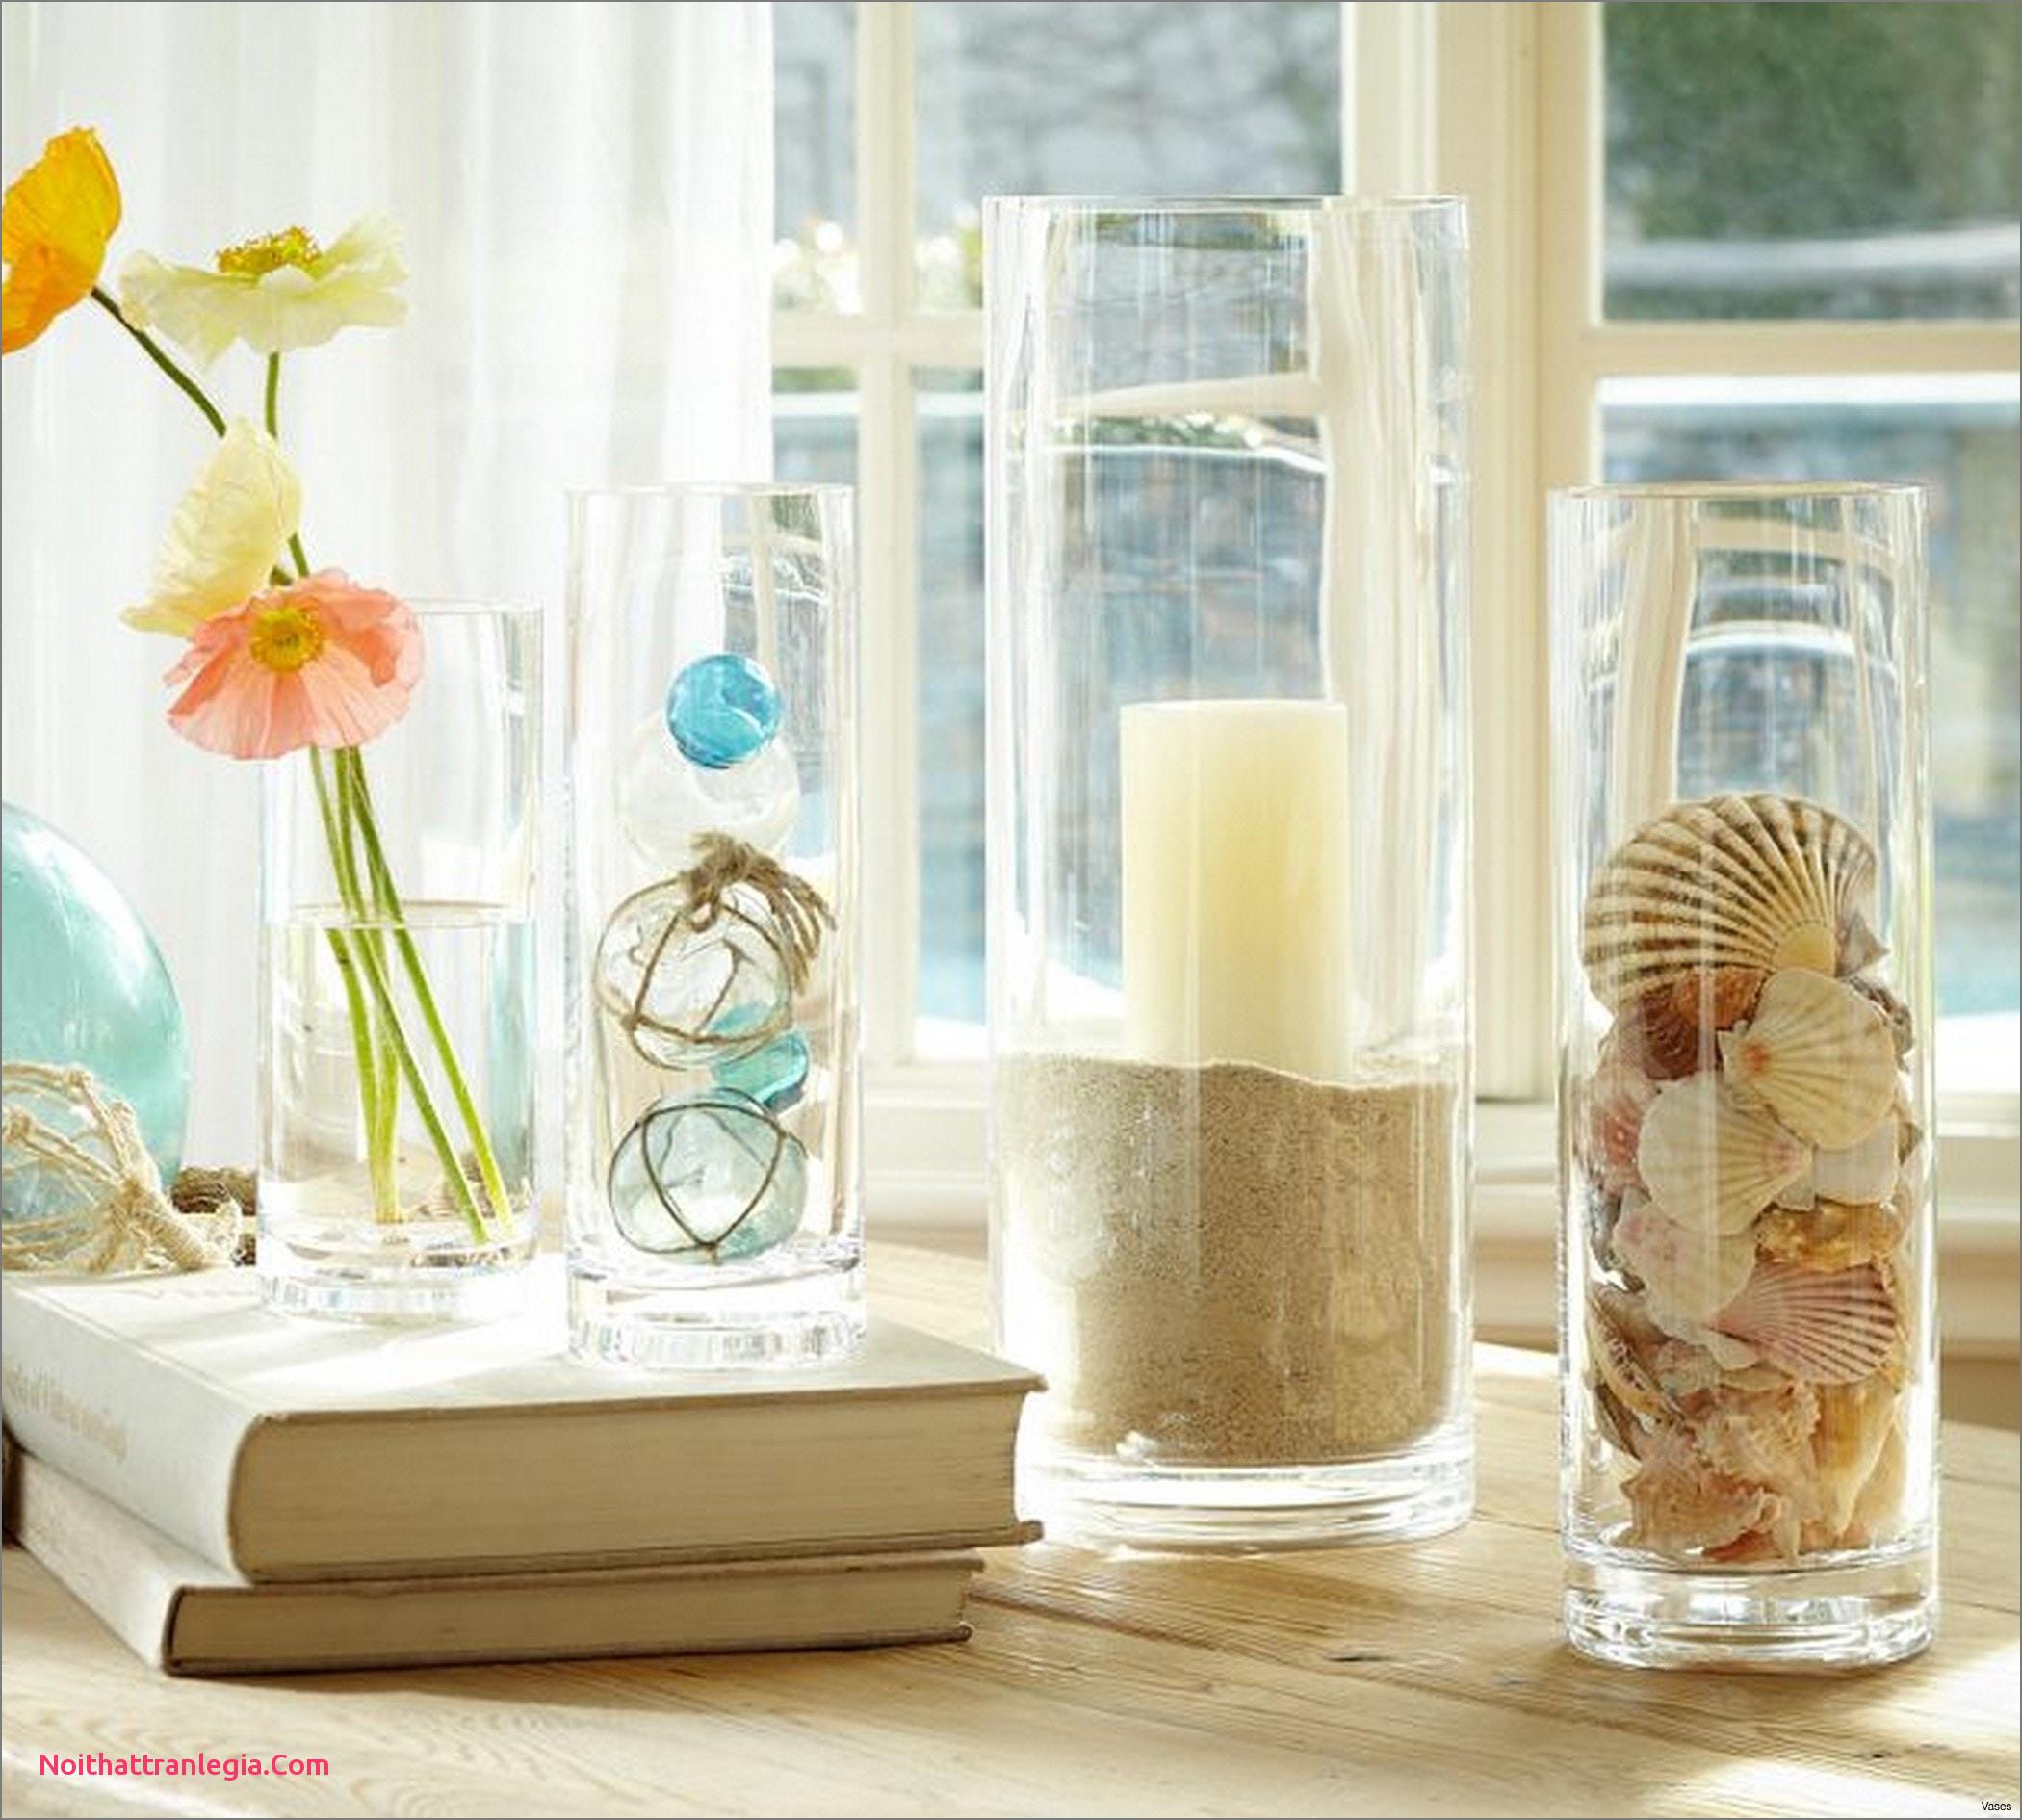 cheap glass vases wholesale uk of 20 how to make mercury glass vases noithattranlegia vases design inside glass vase fillers vase filler ideas 5h vases summer 5i 0d inspiration vase